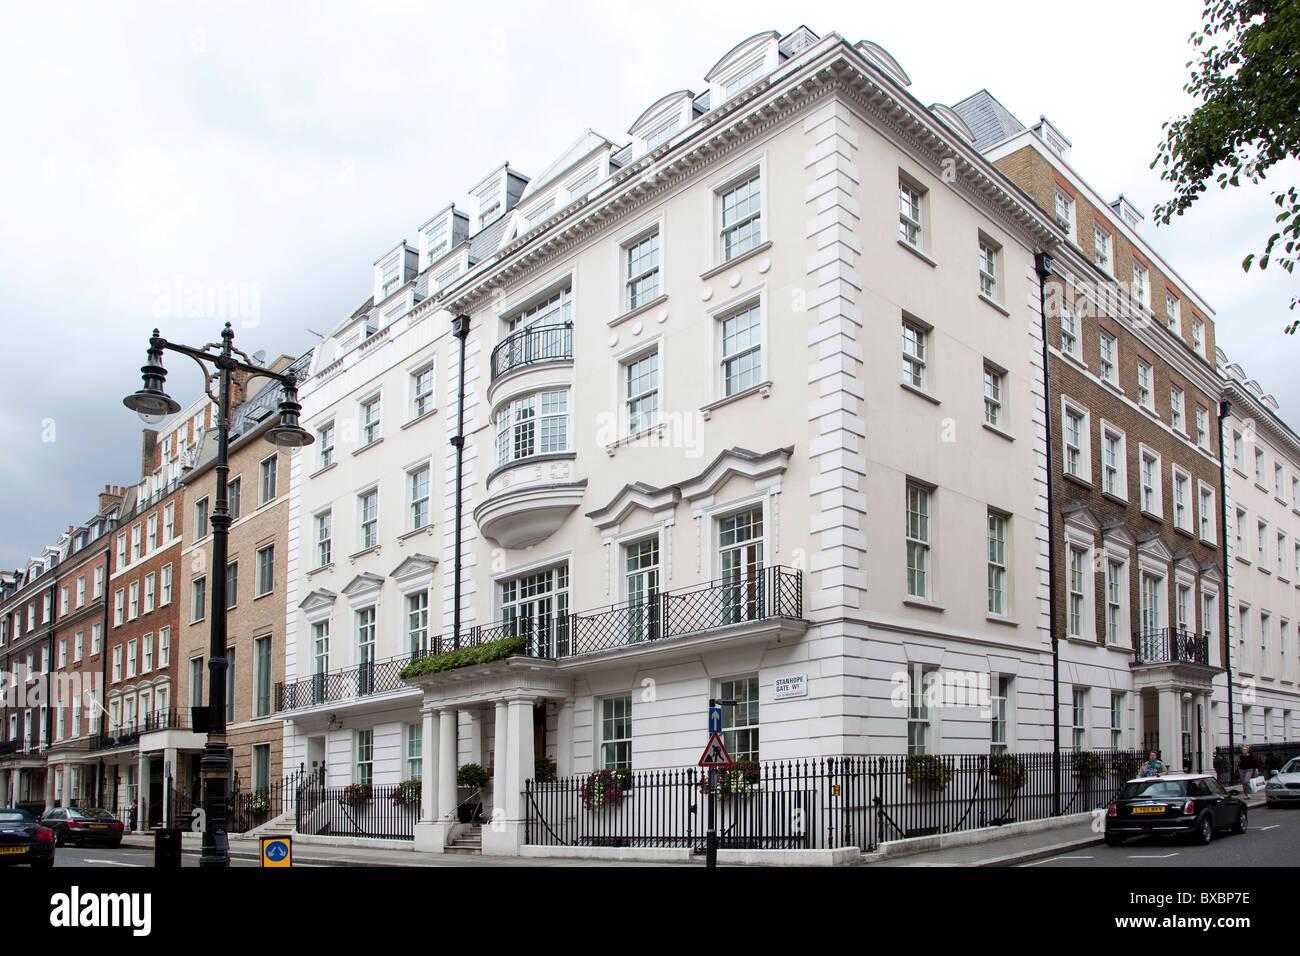 Headquarters of the pharmaceutical corporation AstraZeneca, London, England, United Kingdom, Europe - Stock Image